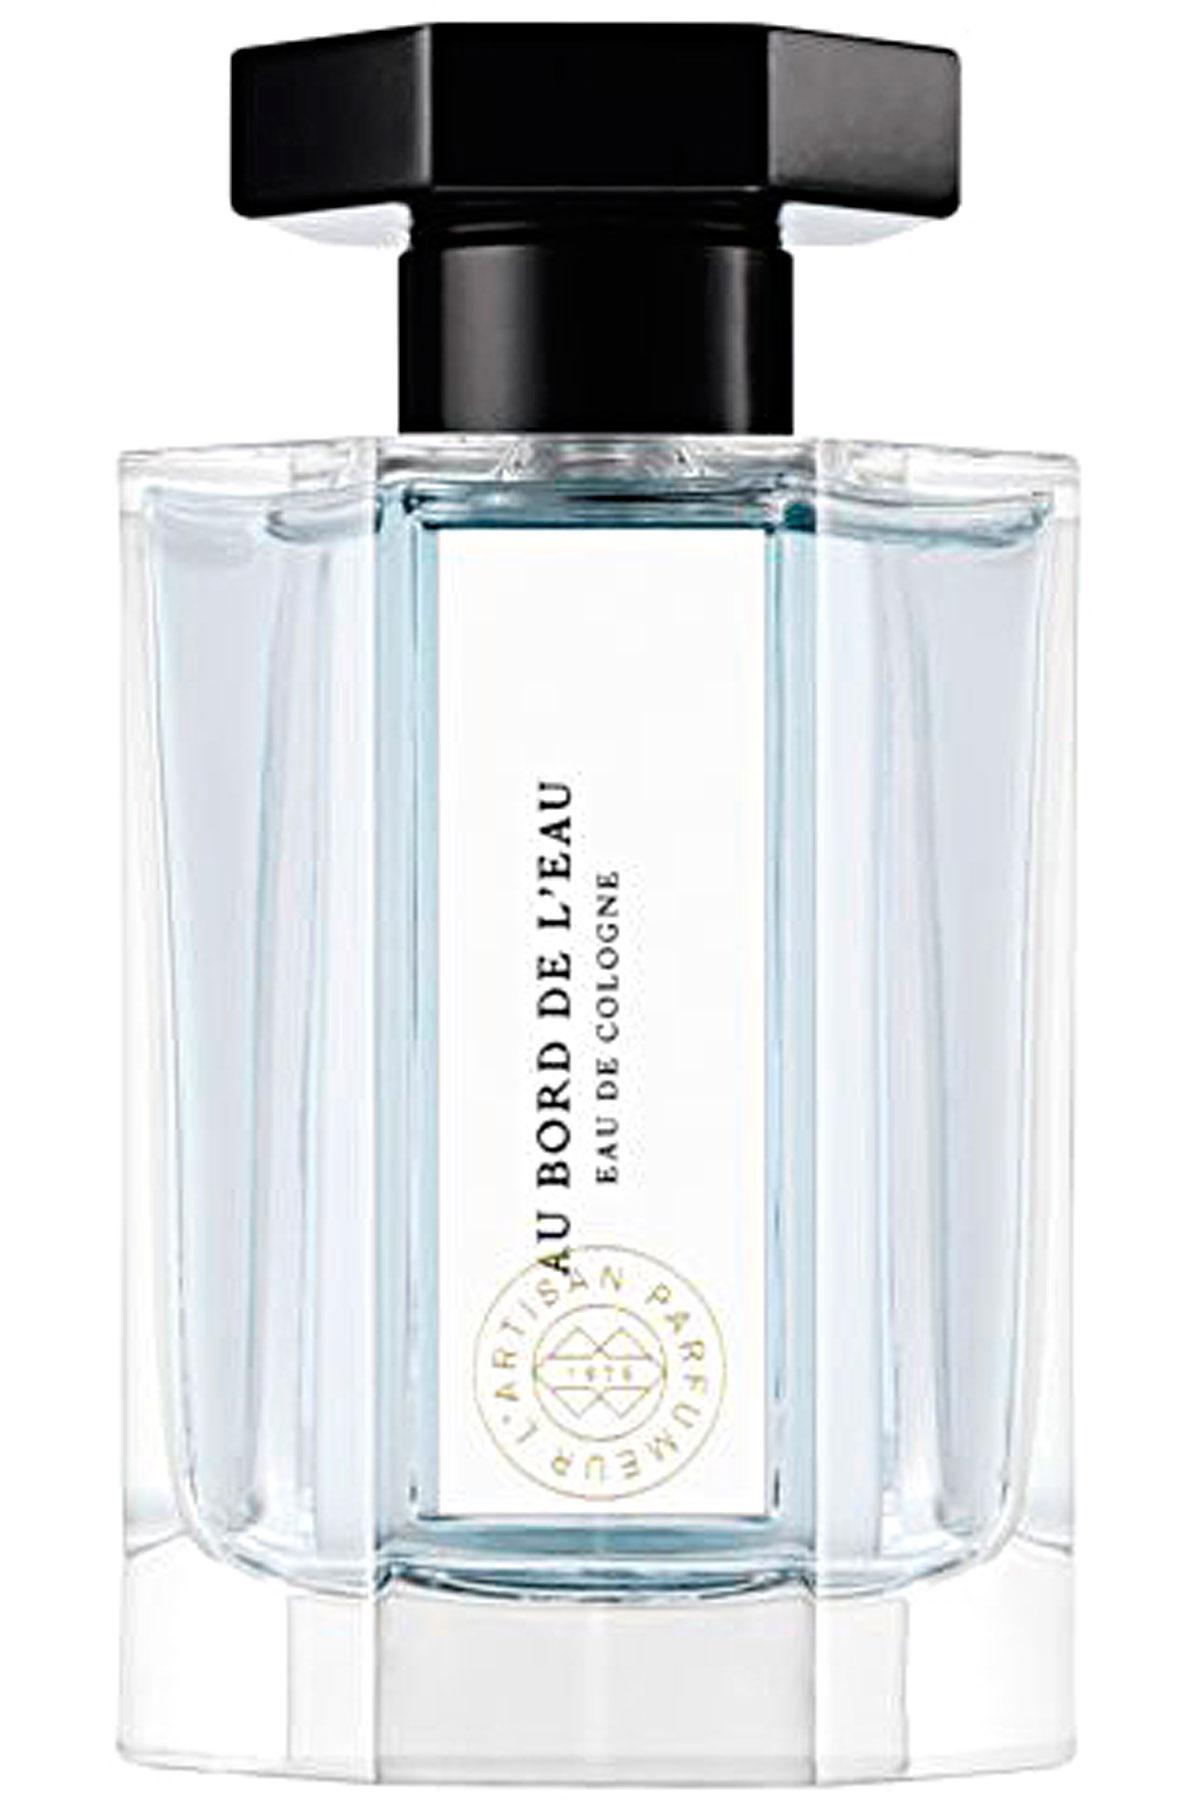 Artisan Parfumeur Fragrances for Men, Au Bord De L Eau - Eau De Cologne - 100 Ml, 2019, 100 ml